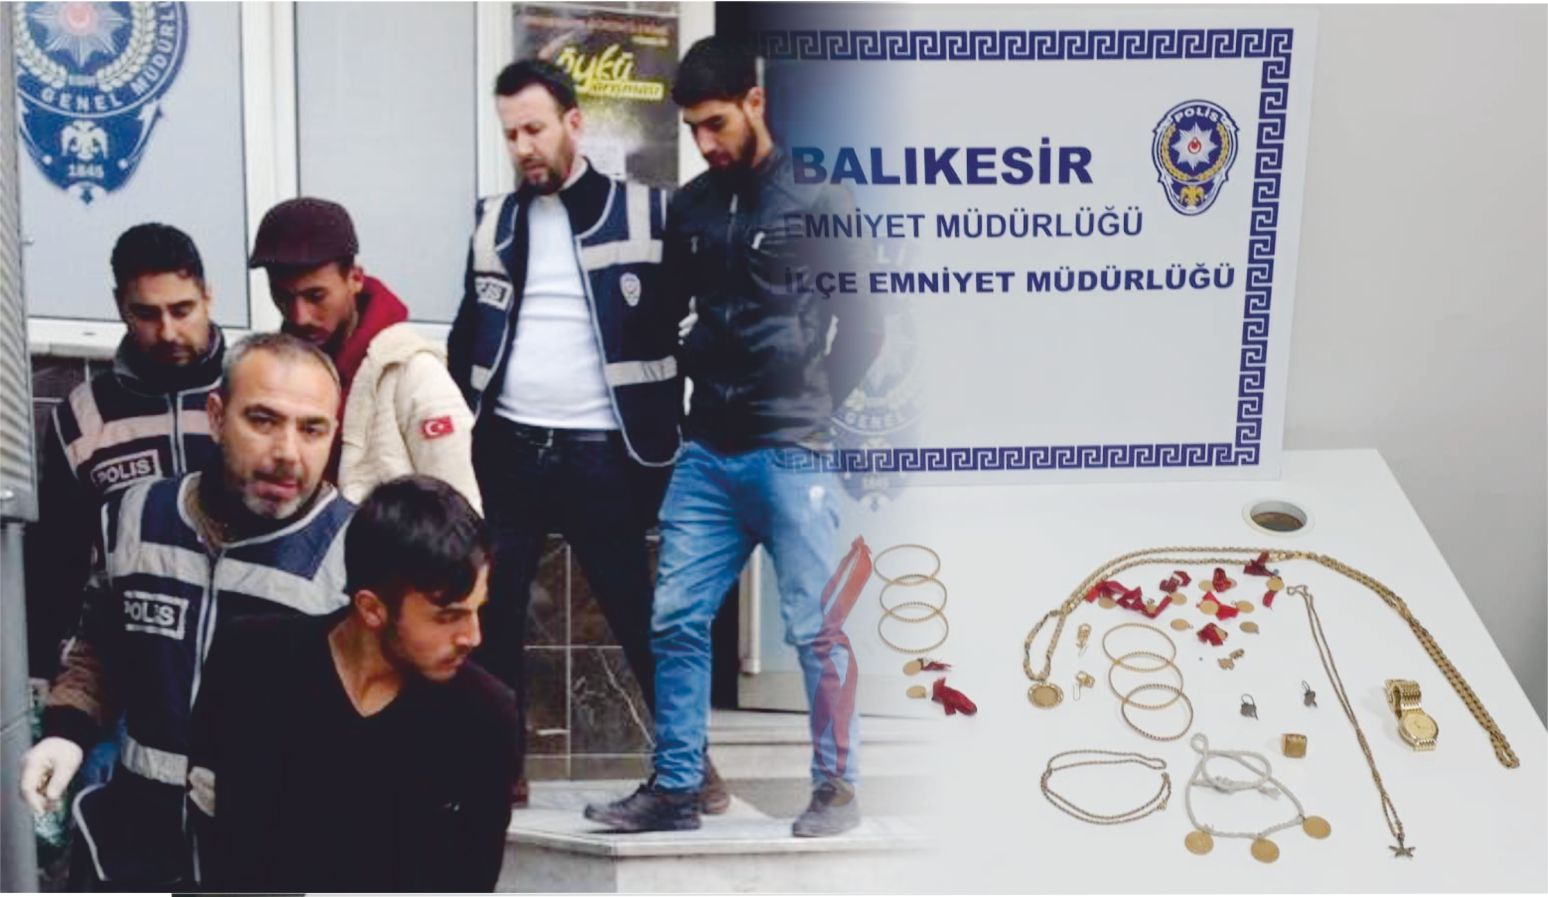 """""""ADIN FETÖ'YE KARIŞTI"""" DEYİP YAŞLI KADINI DOLANDIRDILAR"""